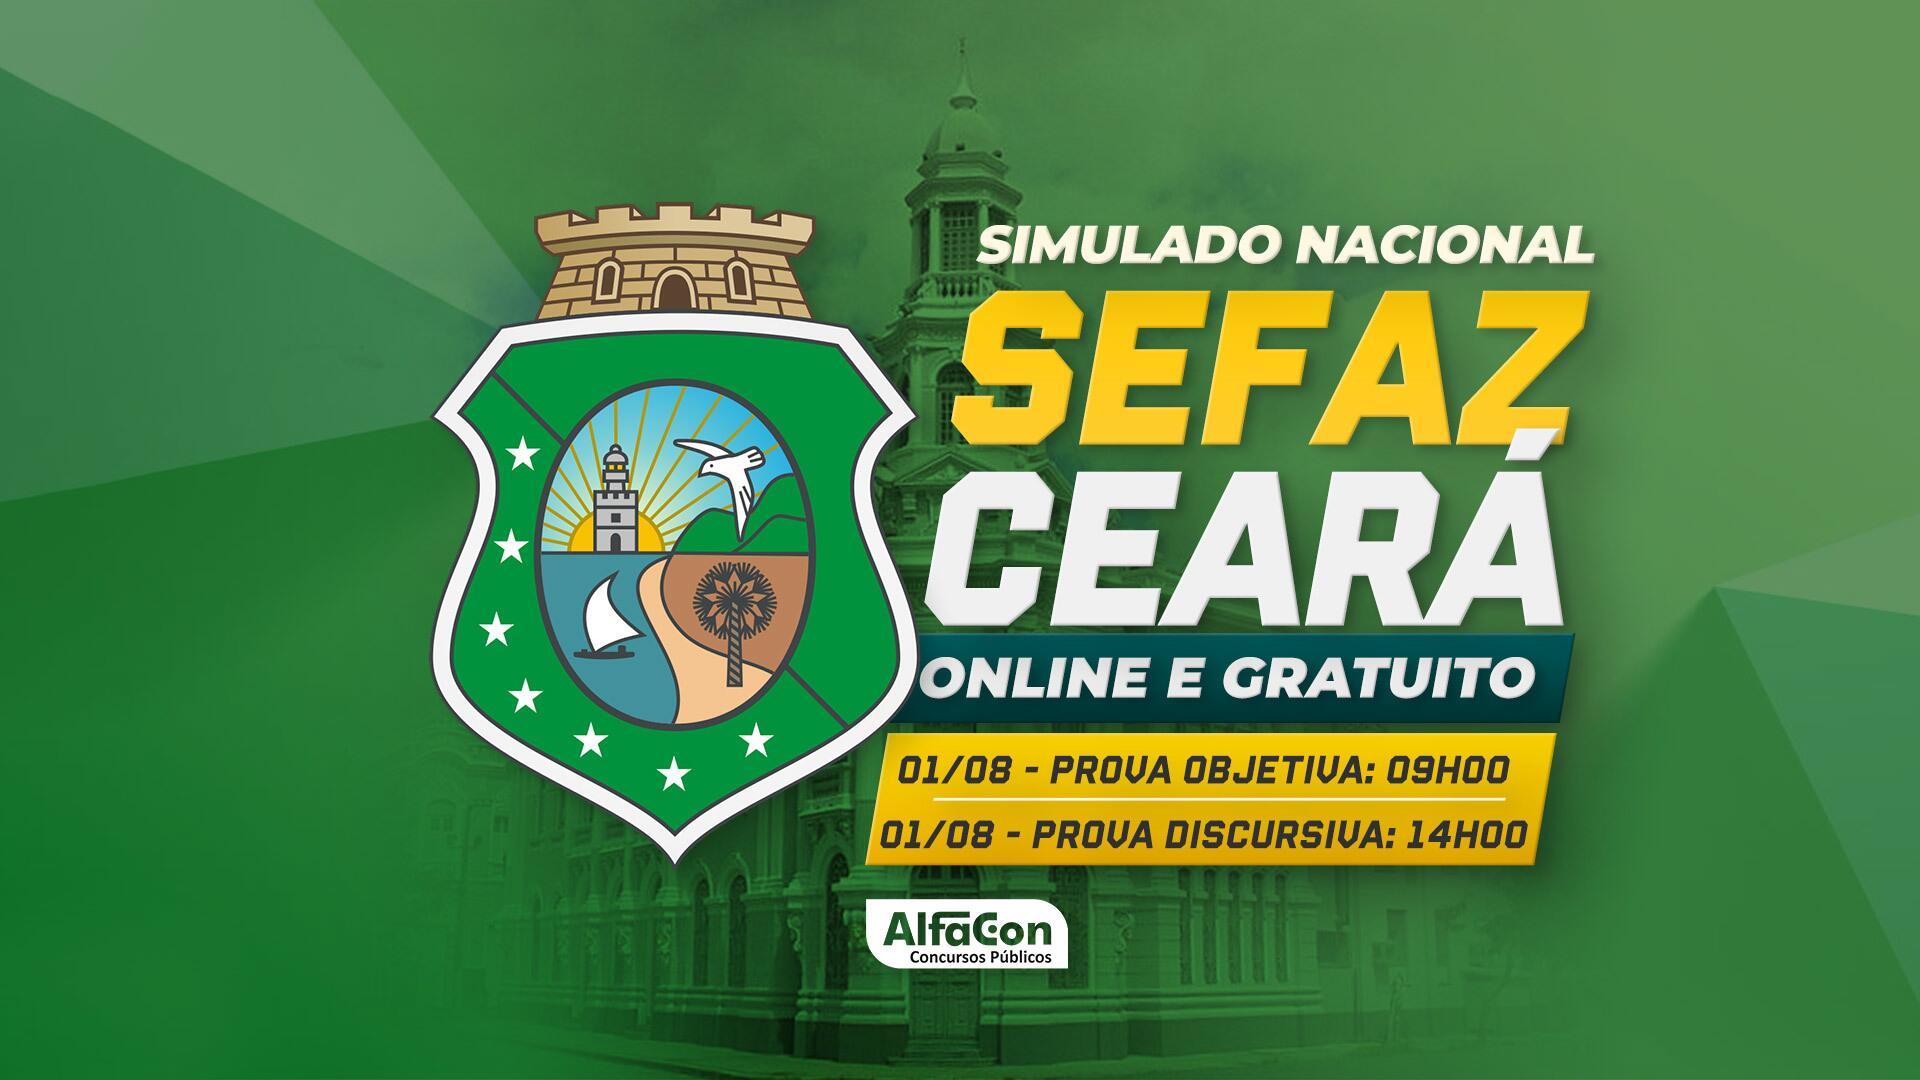 Simulado Sefaz CE - GRATUITO